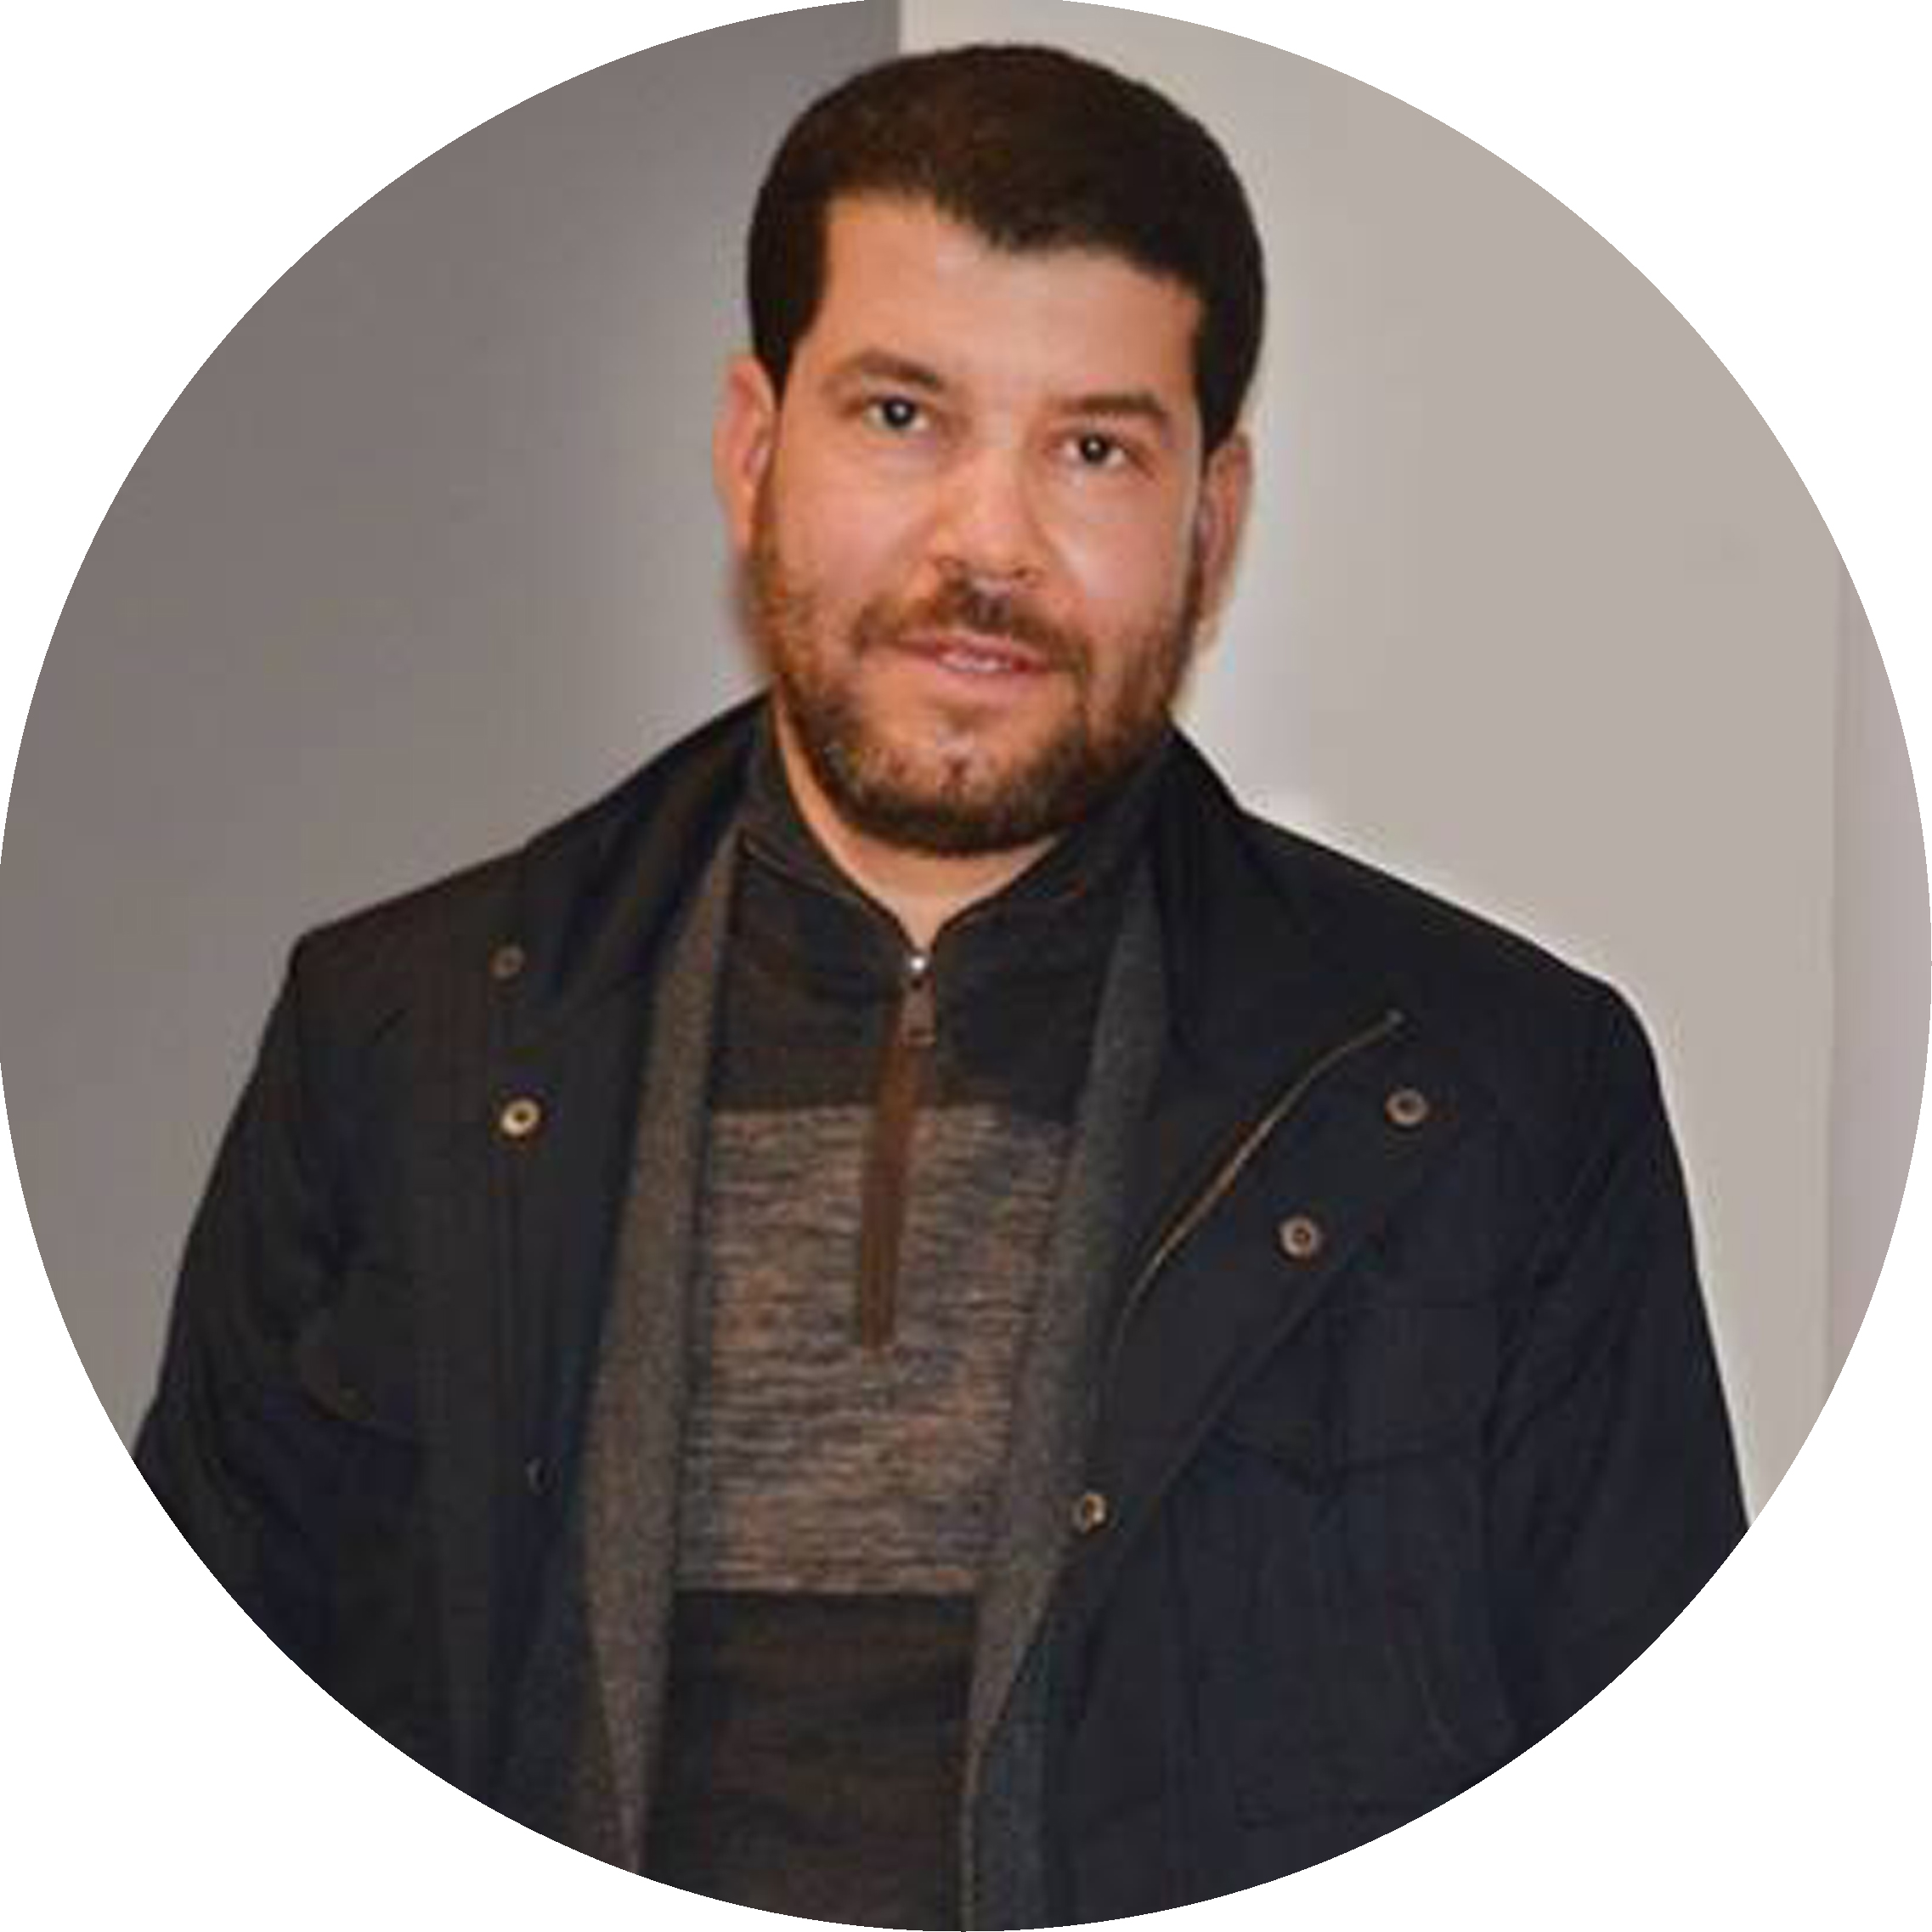 Farouk Tahiri